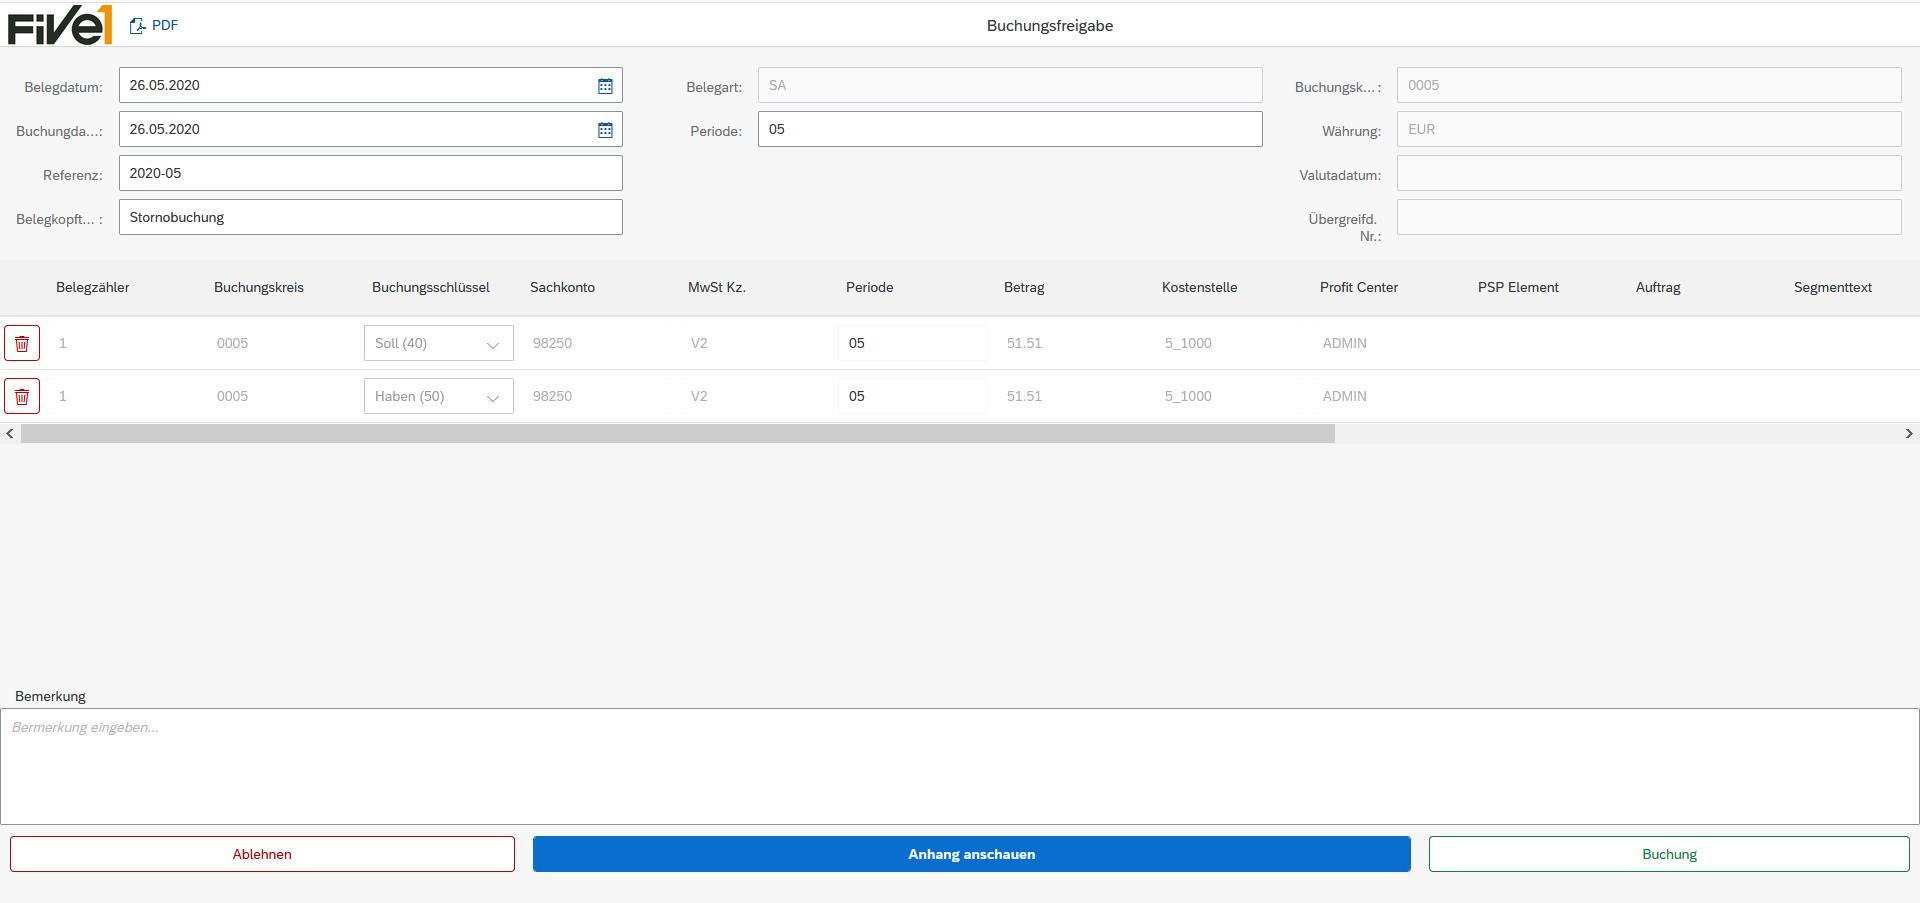 Der Buchhalter verbucht die Daten im SAP System über die Schaltfläche Freigabe